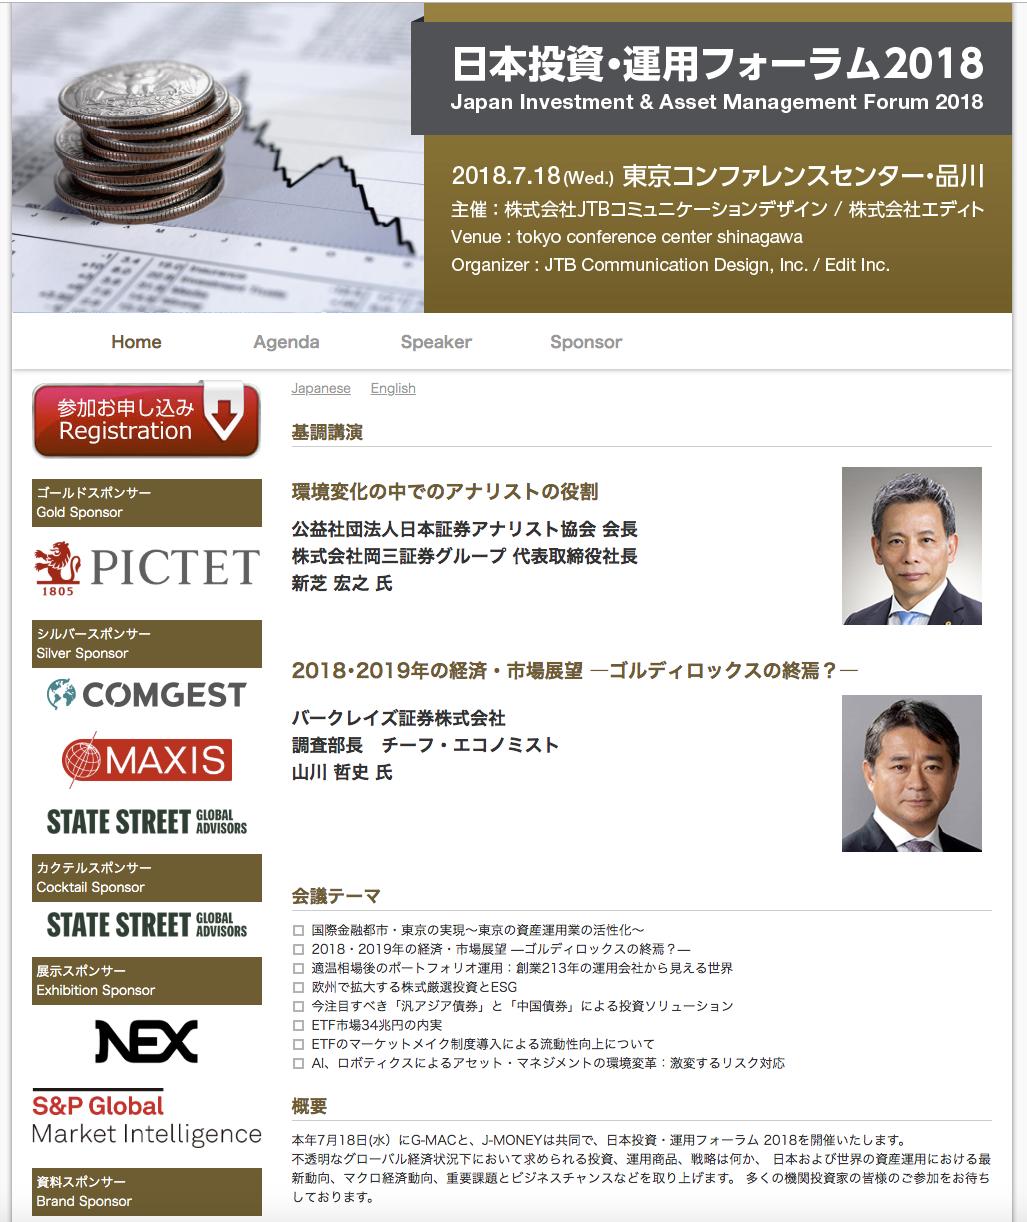 日本投資・運用フォーラム2018